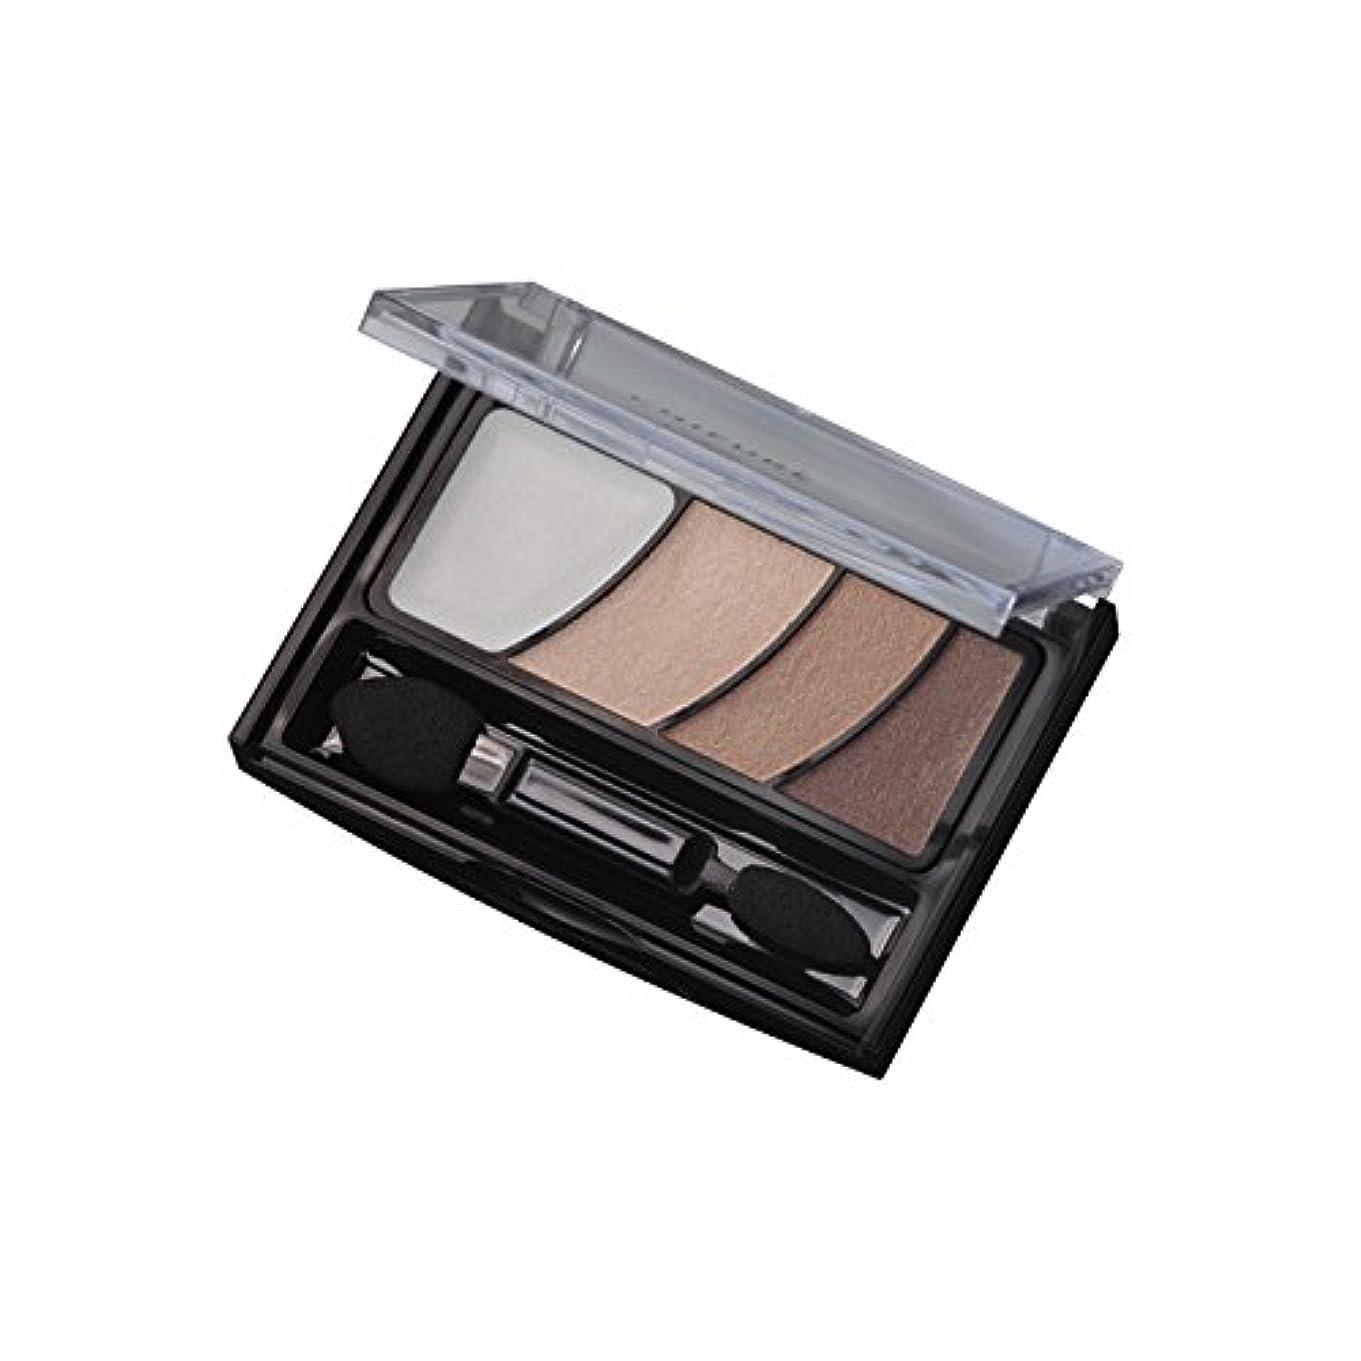 ペデスタル保全徐々にちふれ化粧品 グラデーション アイ カラー(チップ付) 74 ブラウン系 アイカラー74